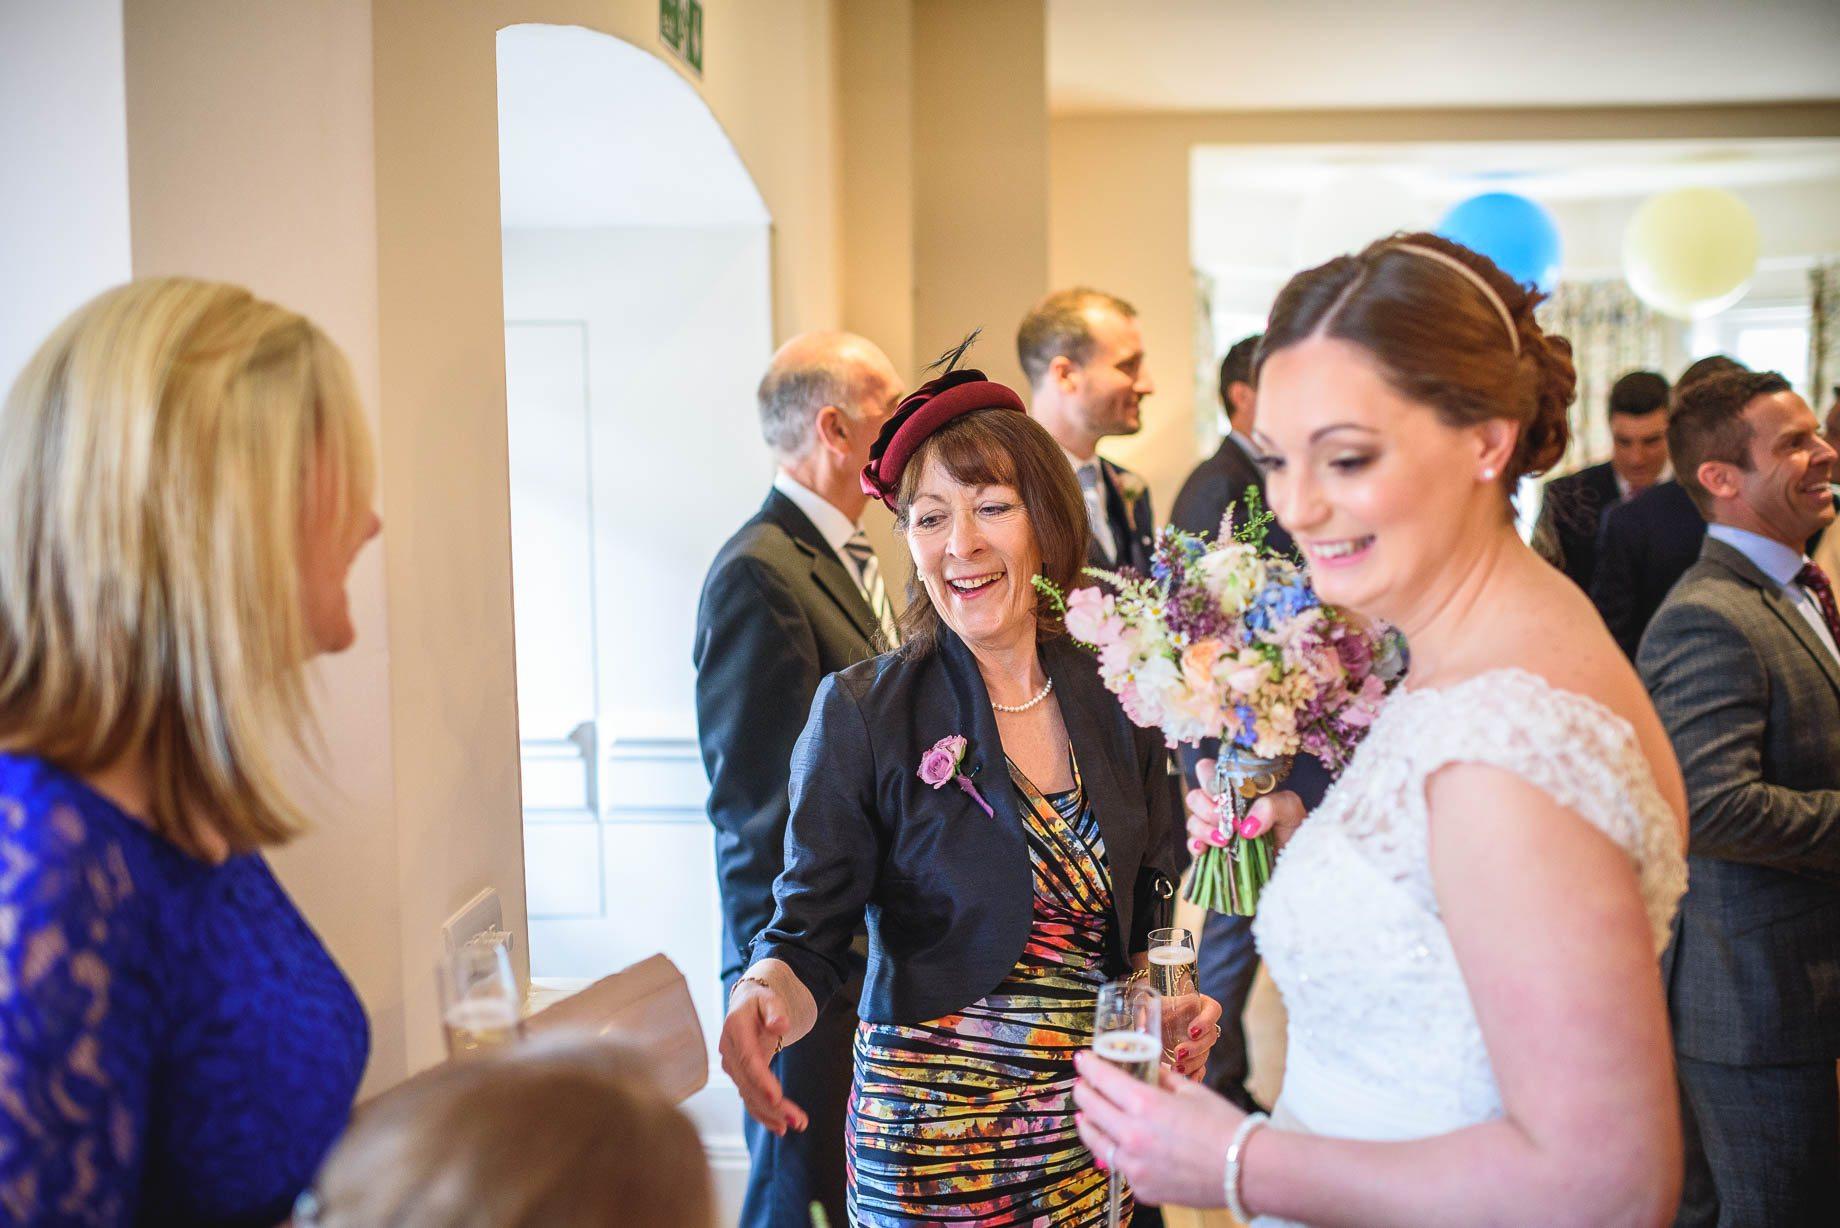 Millbridge Court Wedding Photography - Lisa and Daniel (70 of 173)